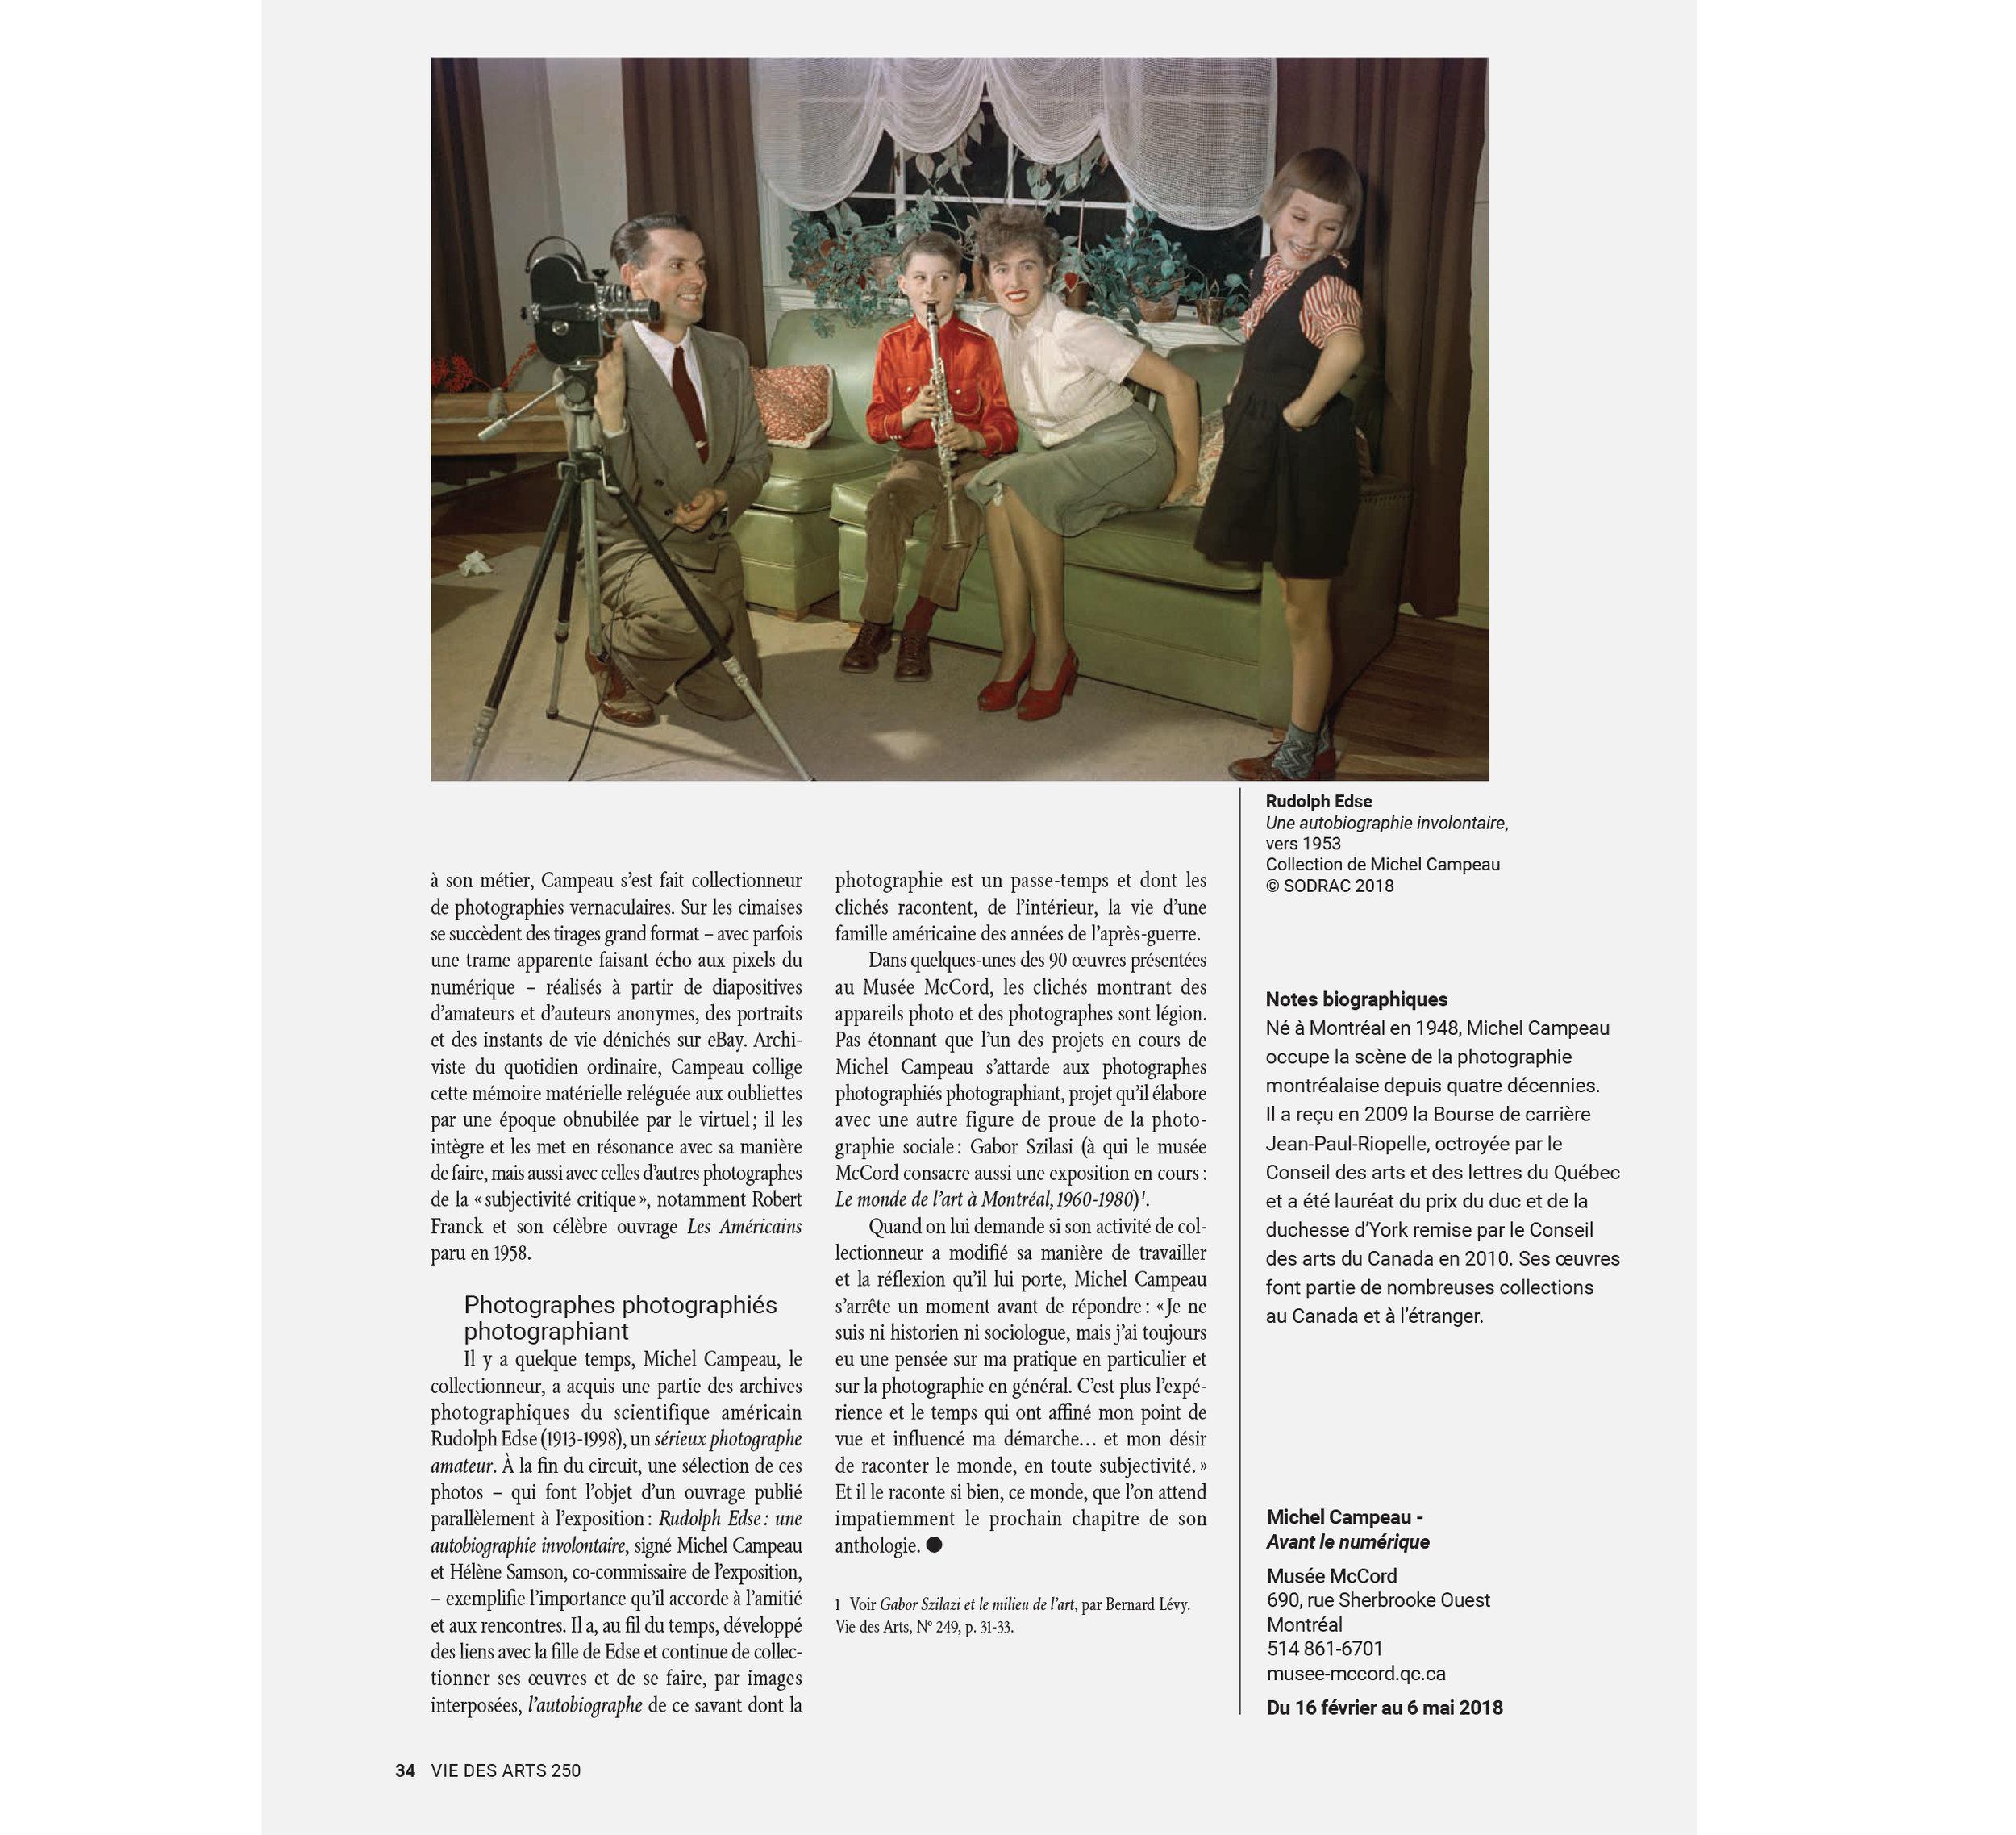 Marie-Claude Mirandette, «La Rencontre de l'autre et de soi», Vie des Arts, n° 250, printemps 2018, p. 32 à 34